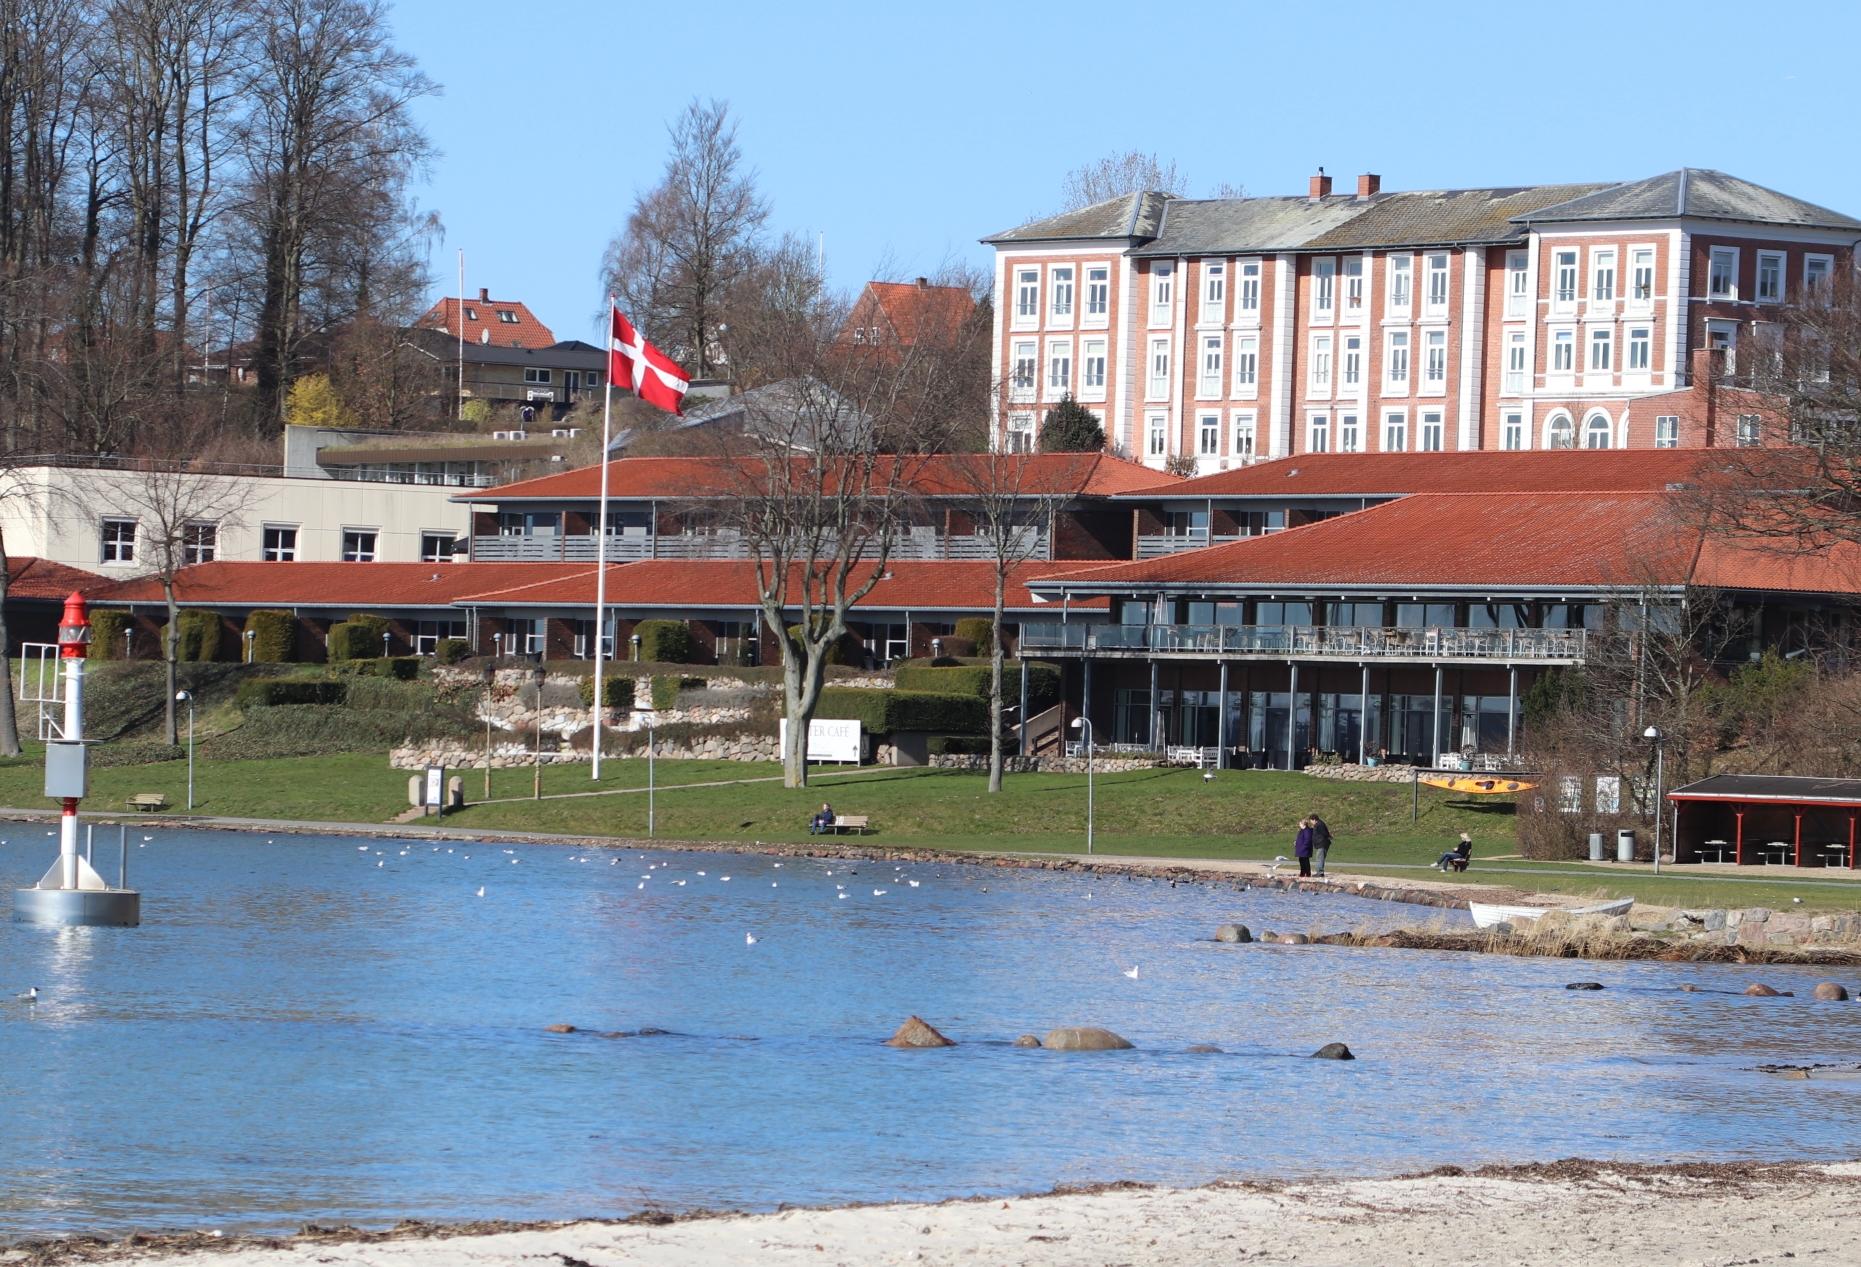 Fagforeningen HK Danmark har netop fyret direktøren for sit firestjernede Hotel Christiansminde på Sydfyn. Fremsendt pressefoto fra Hotel Christiansminde.